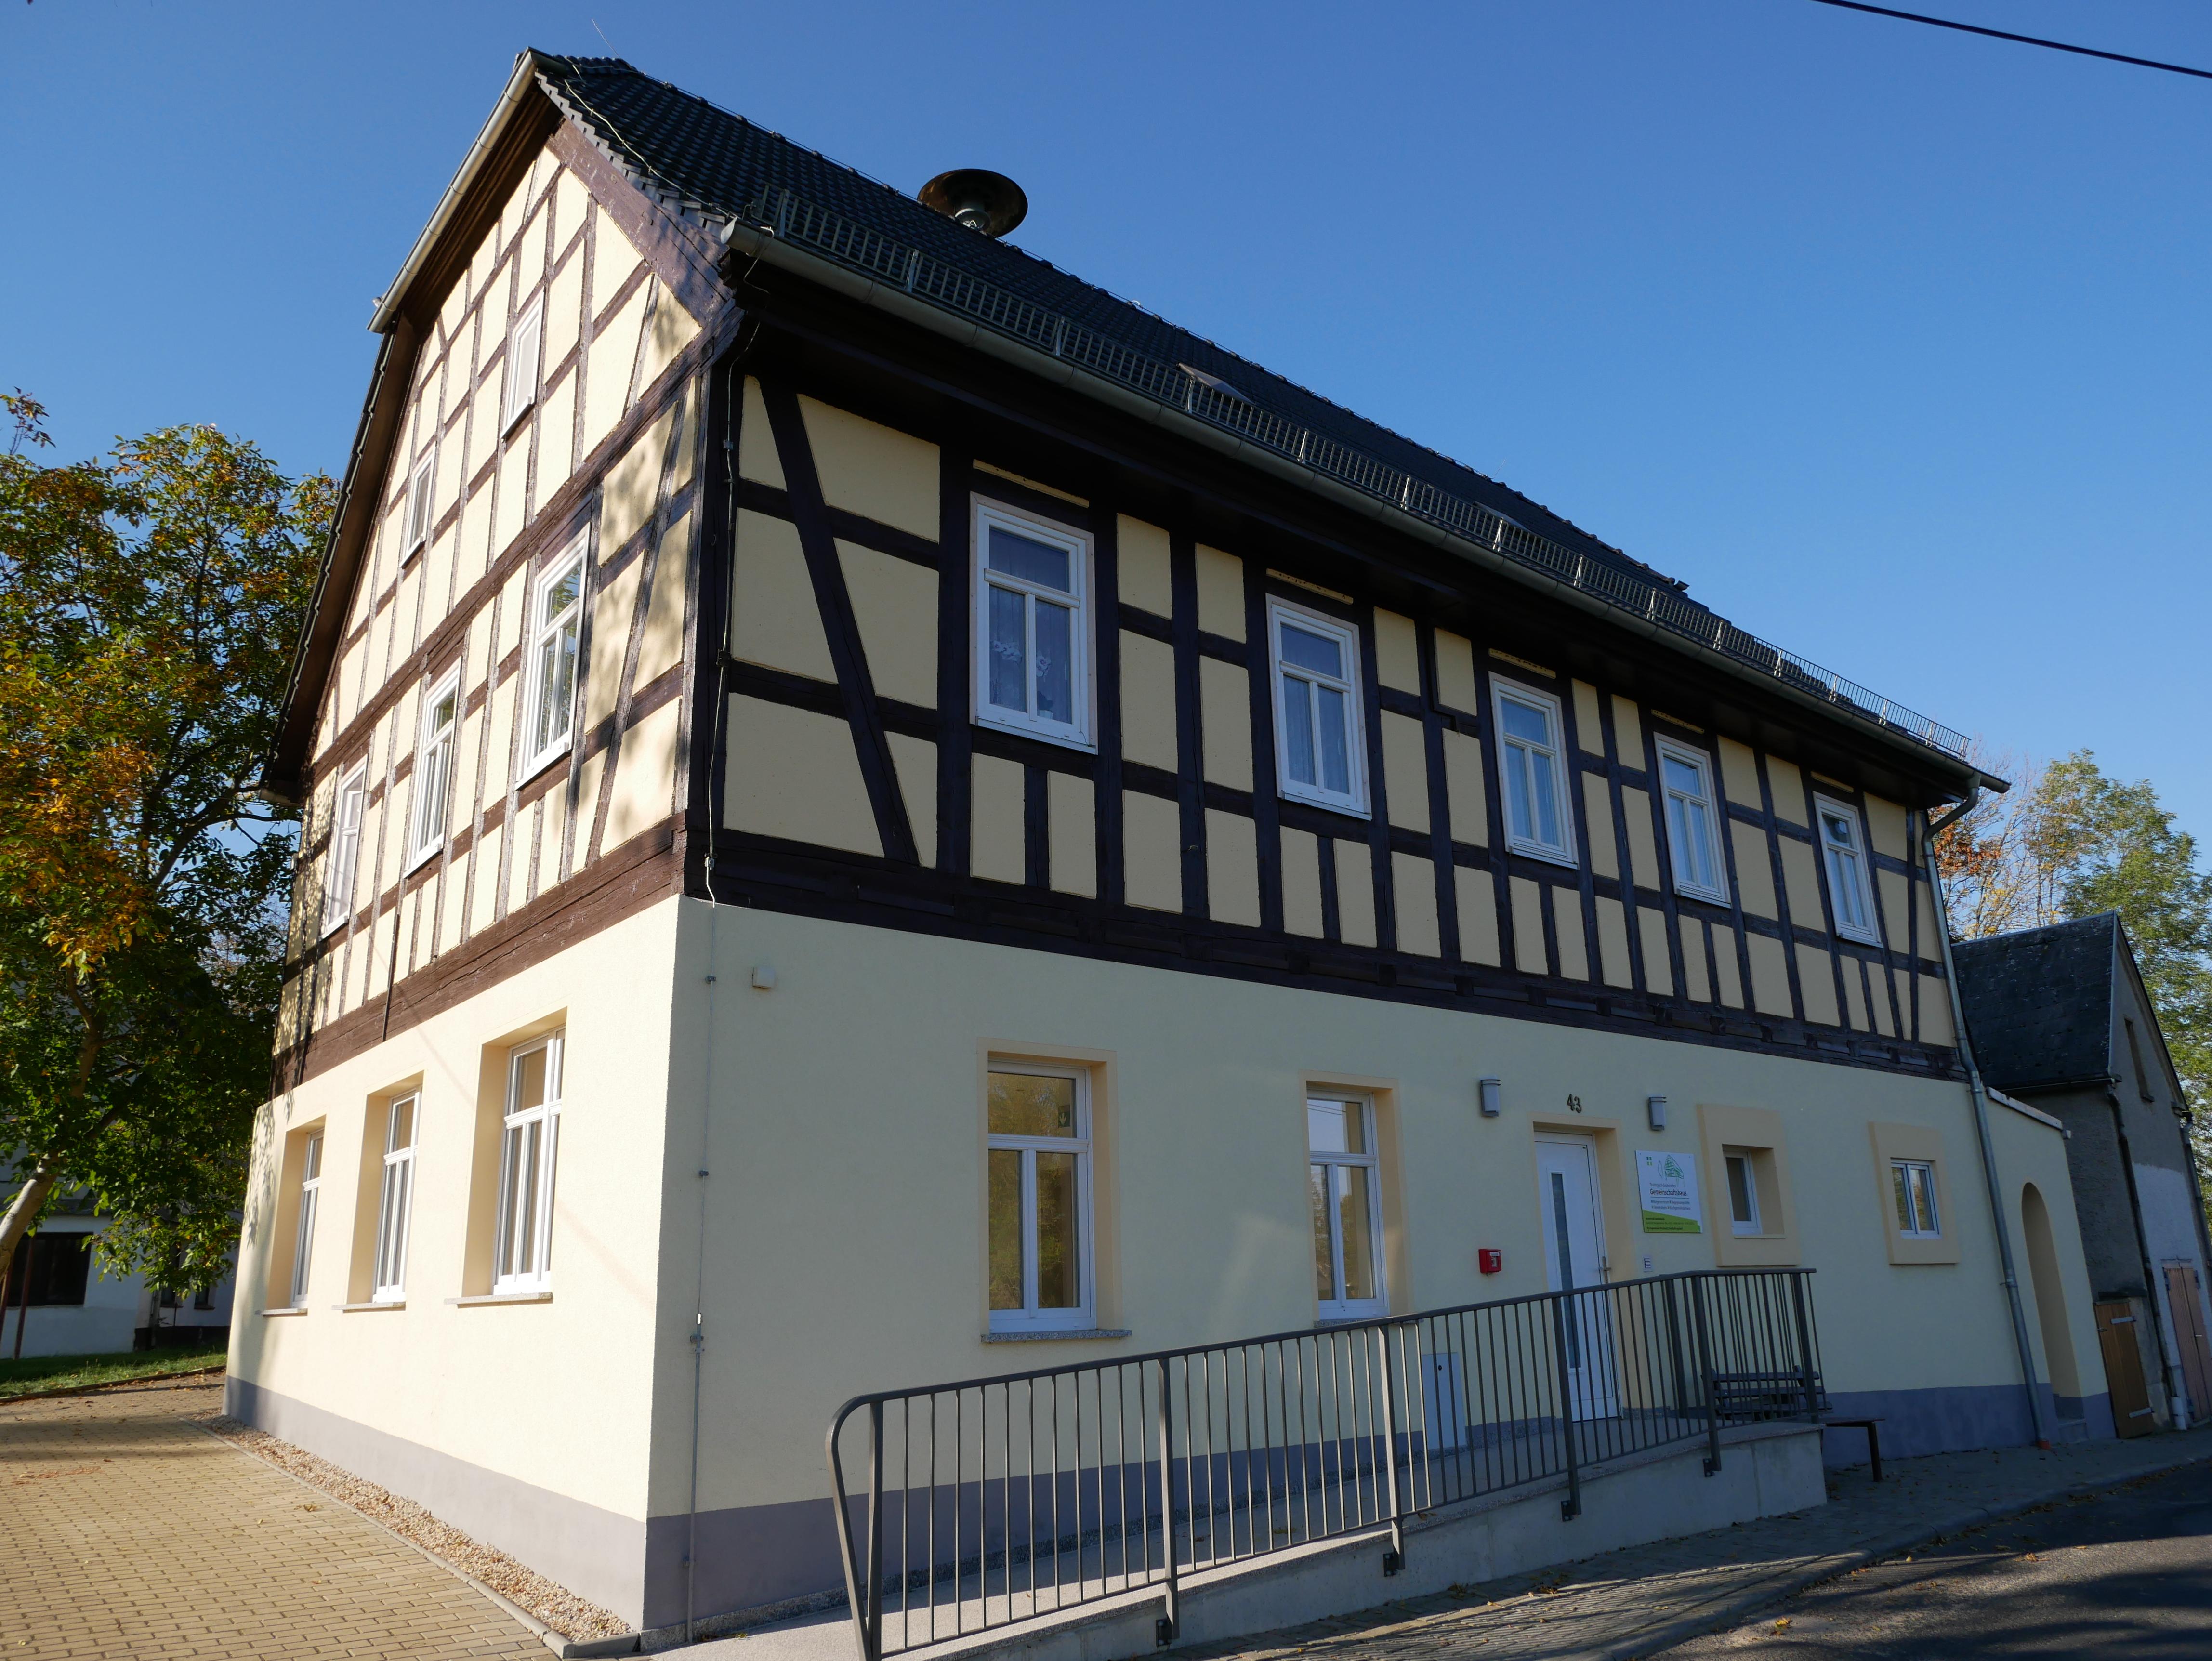 Gemeinschaftshaus Nischwitz, Foto: FEAL e. V.